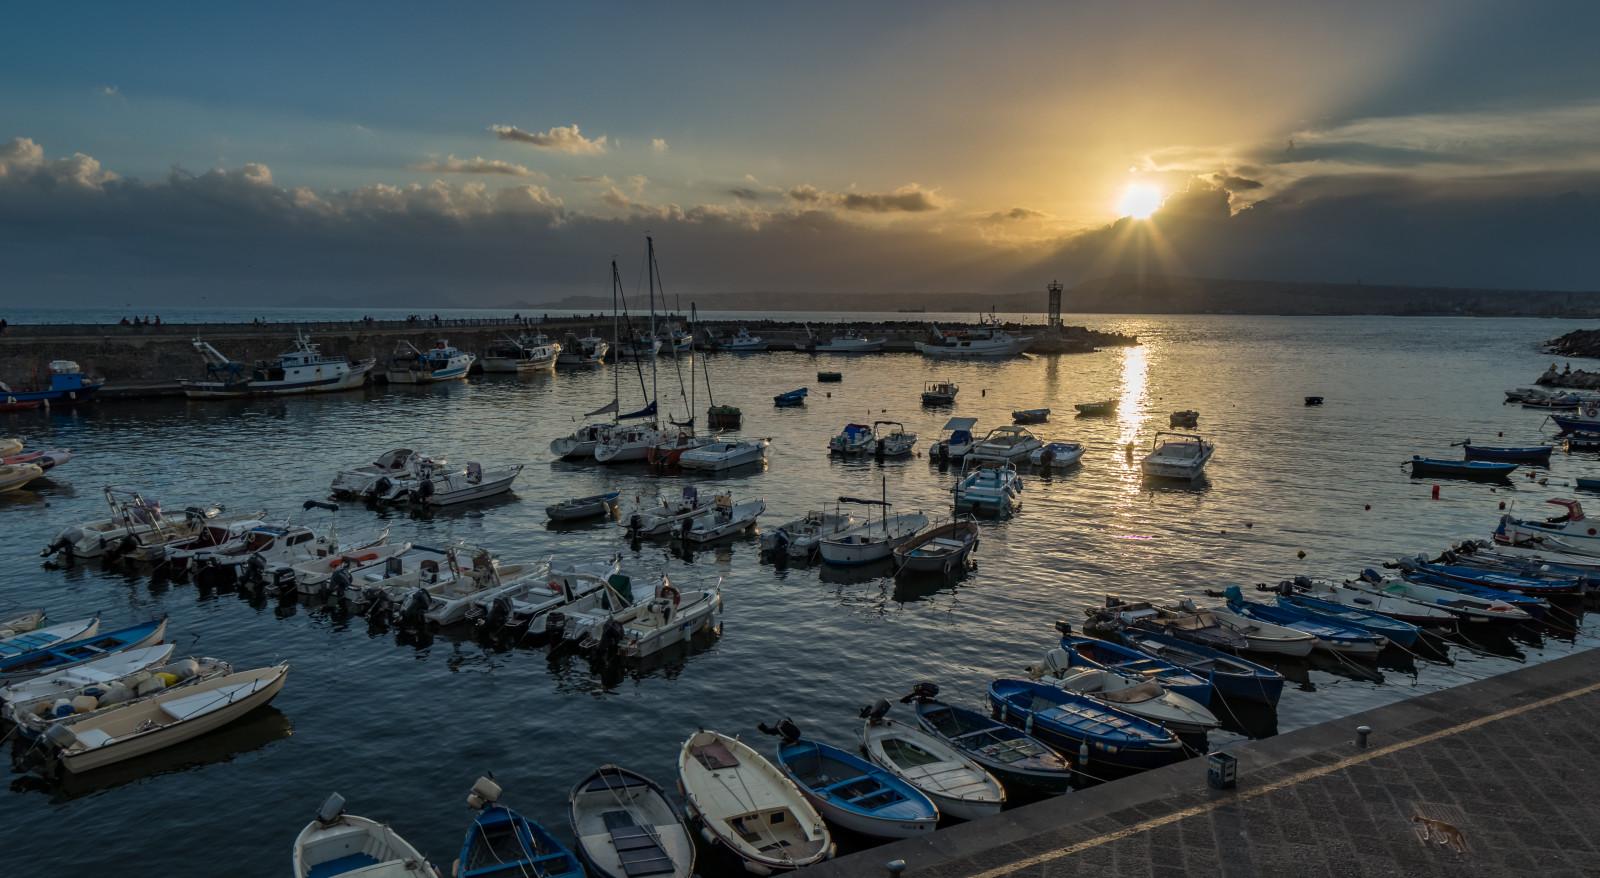 Sfondi  Portici Porto porto paesaggio marino golfo baia Napoli cavalla mare barche a